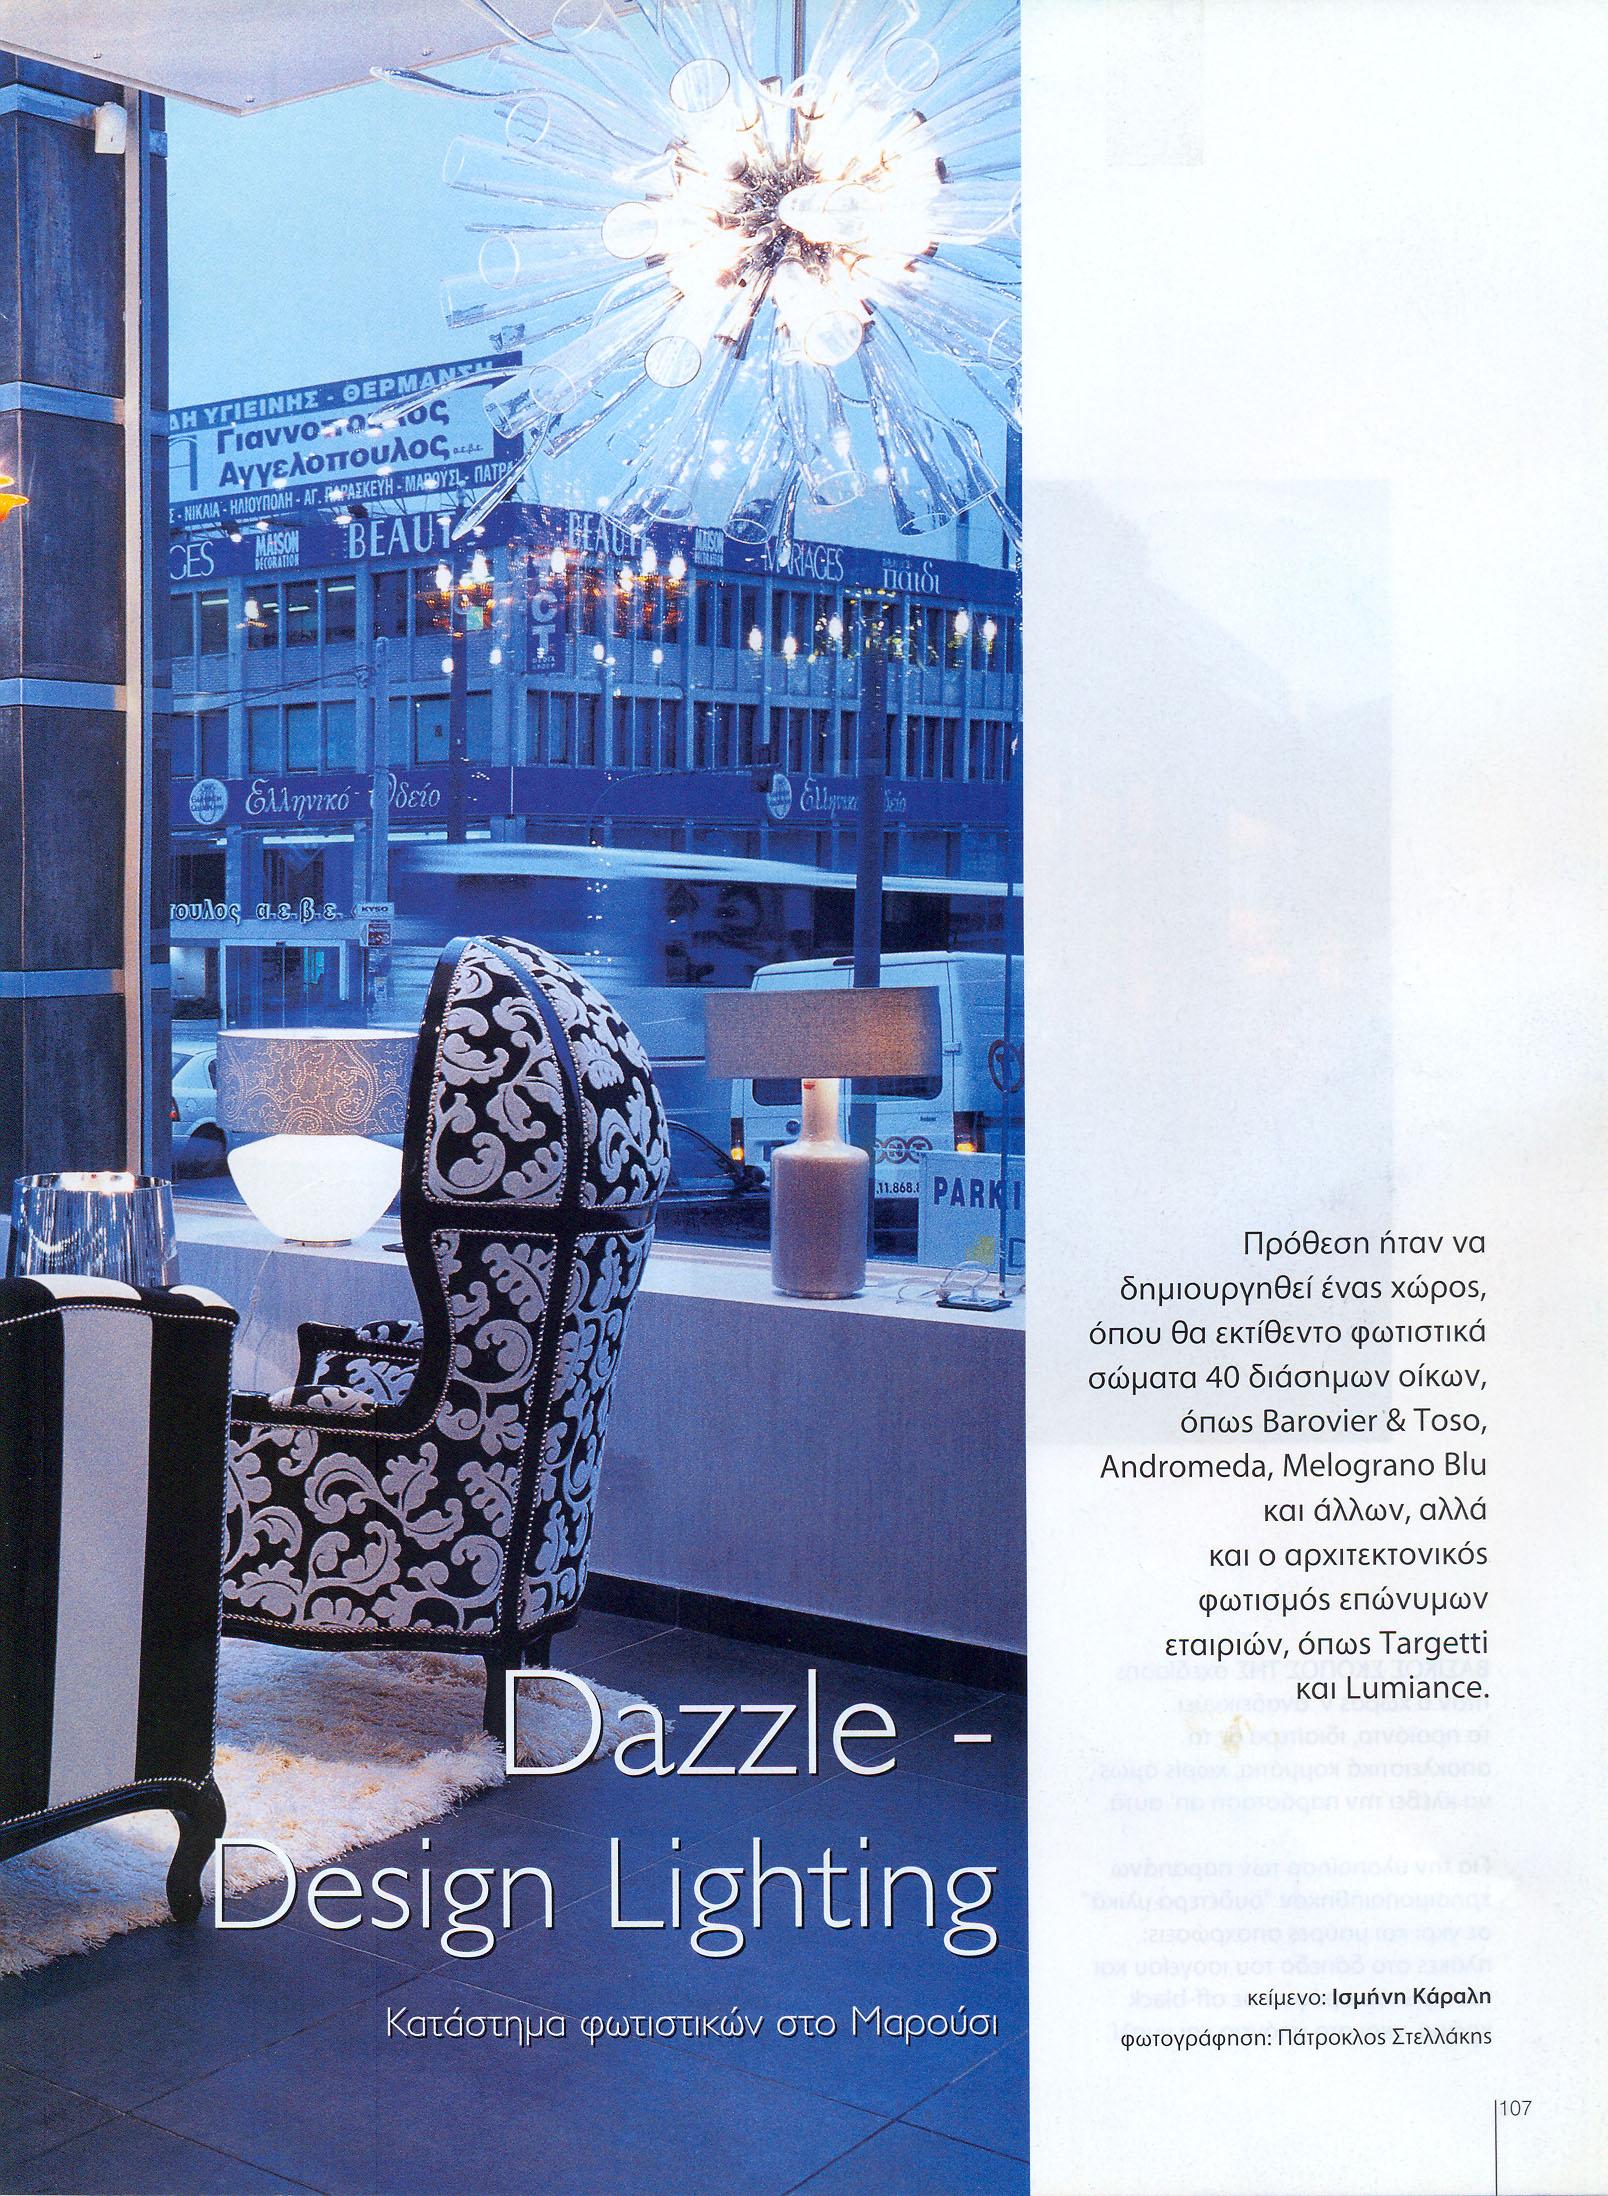 dazzle4.jpg